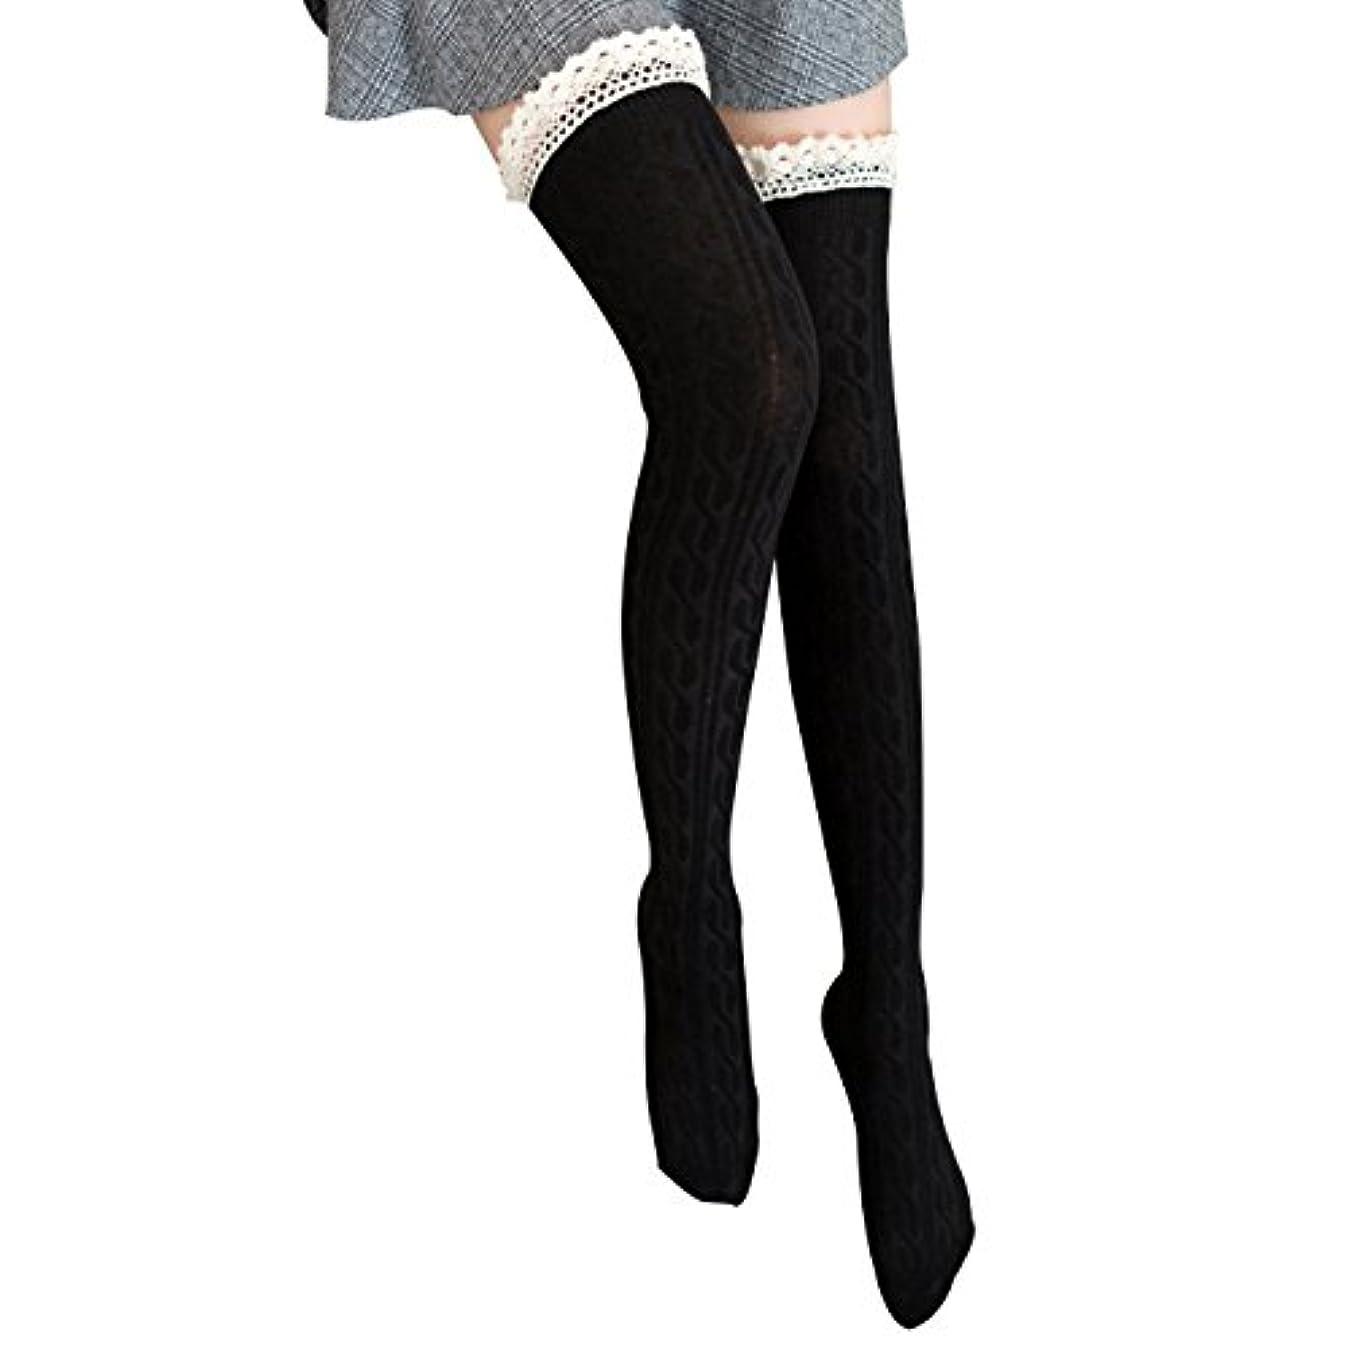 寝室を掃除する境界倒錯オーバーニーソックス 美脚 着圧 スッキリ サイハイソックス ニーハイ ストッキング ロングソックス レディース 靴下 かわいい